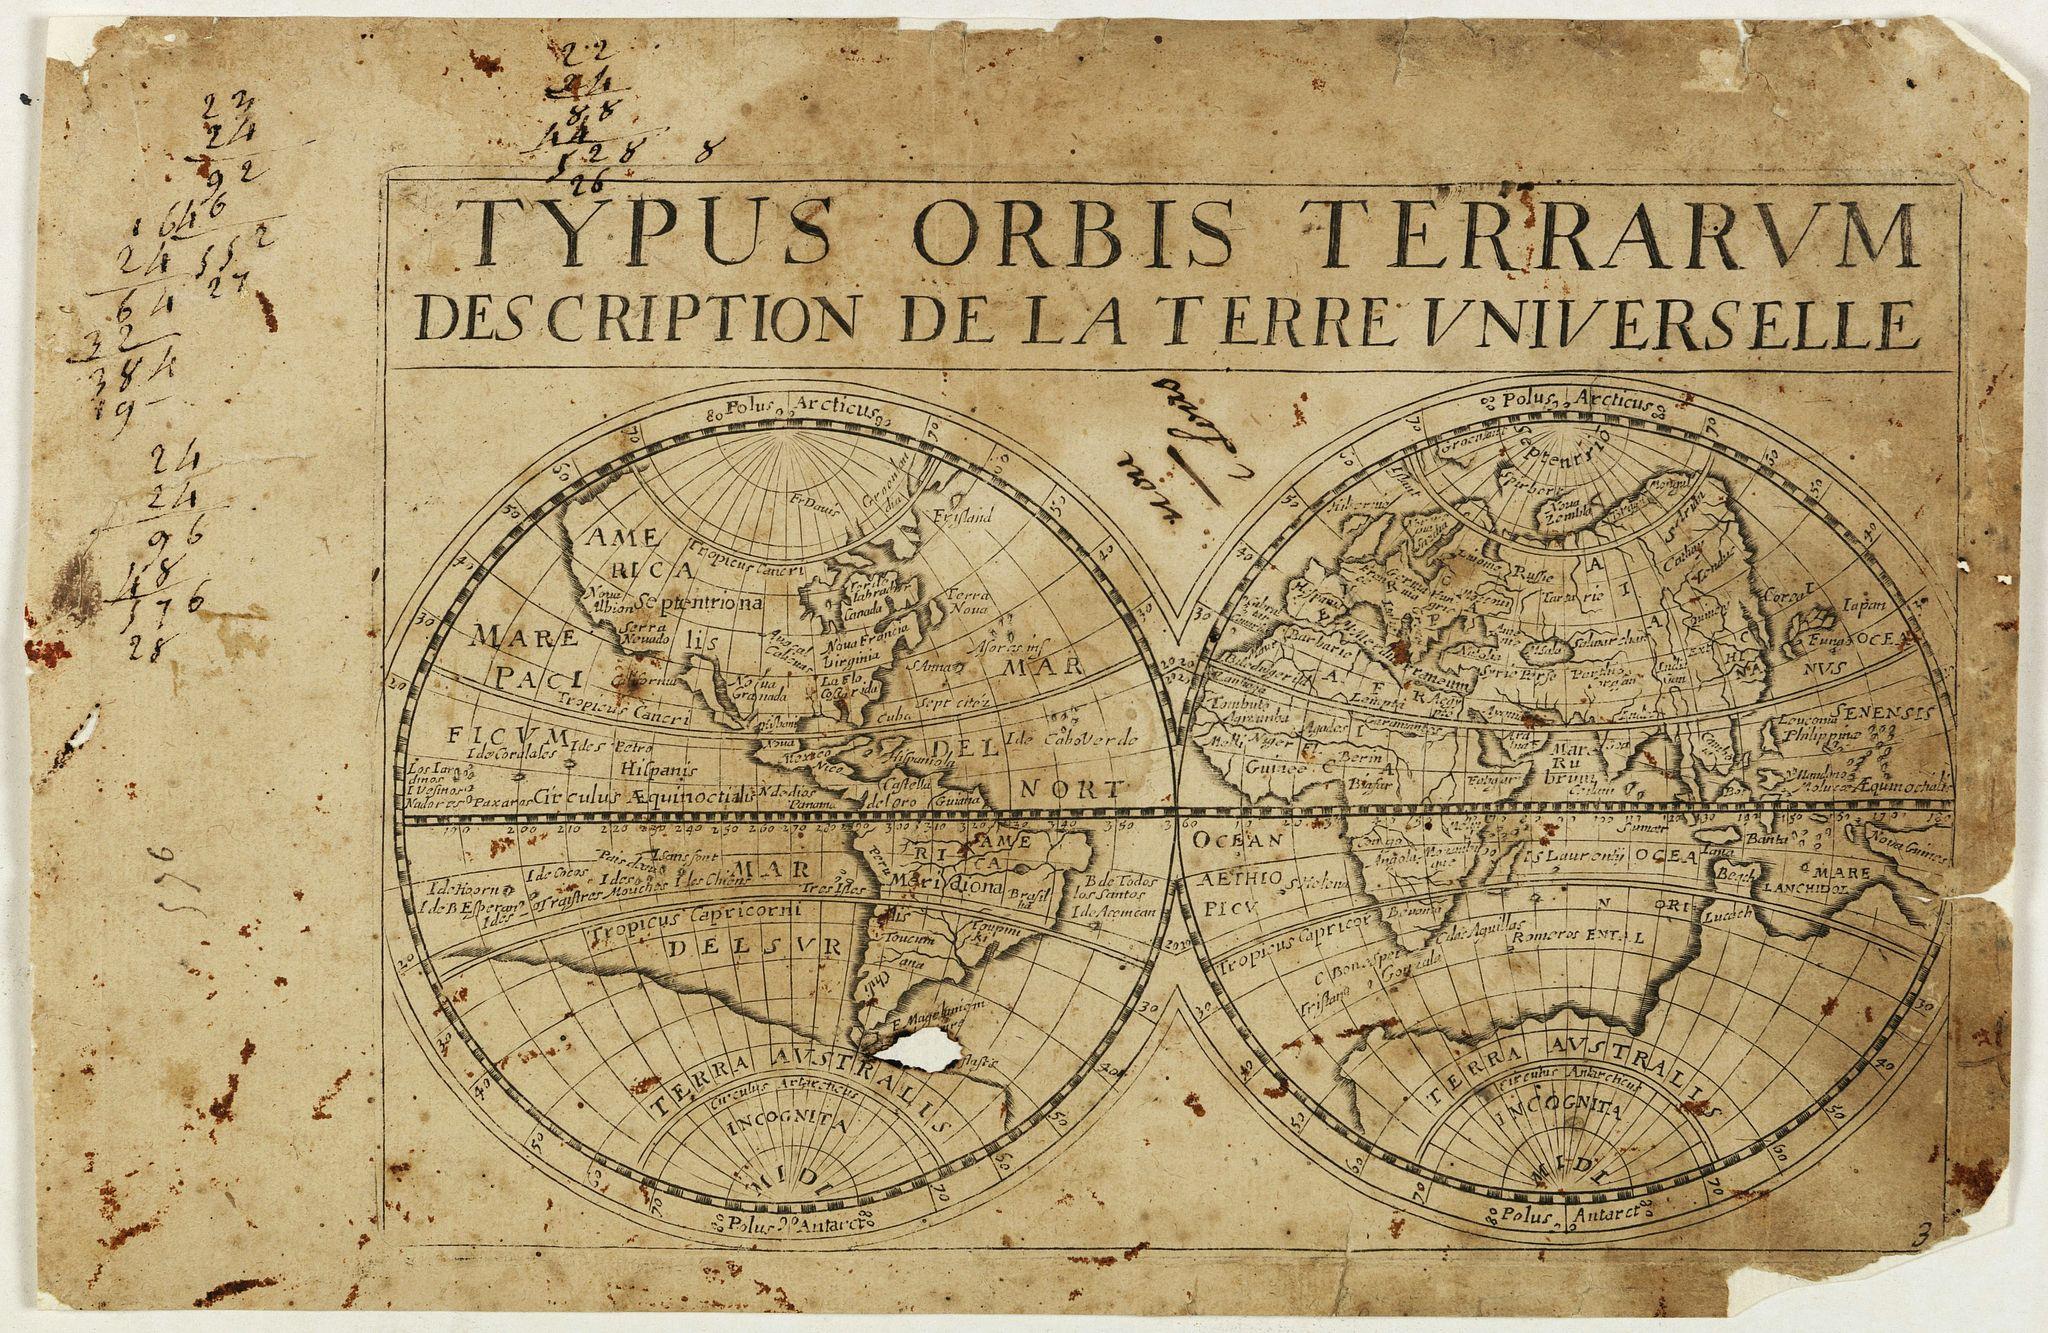 JOLLAIN, G. -  Typus orbis Terrarum description de la Terre universelle.